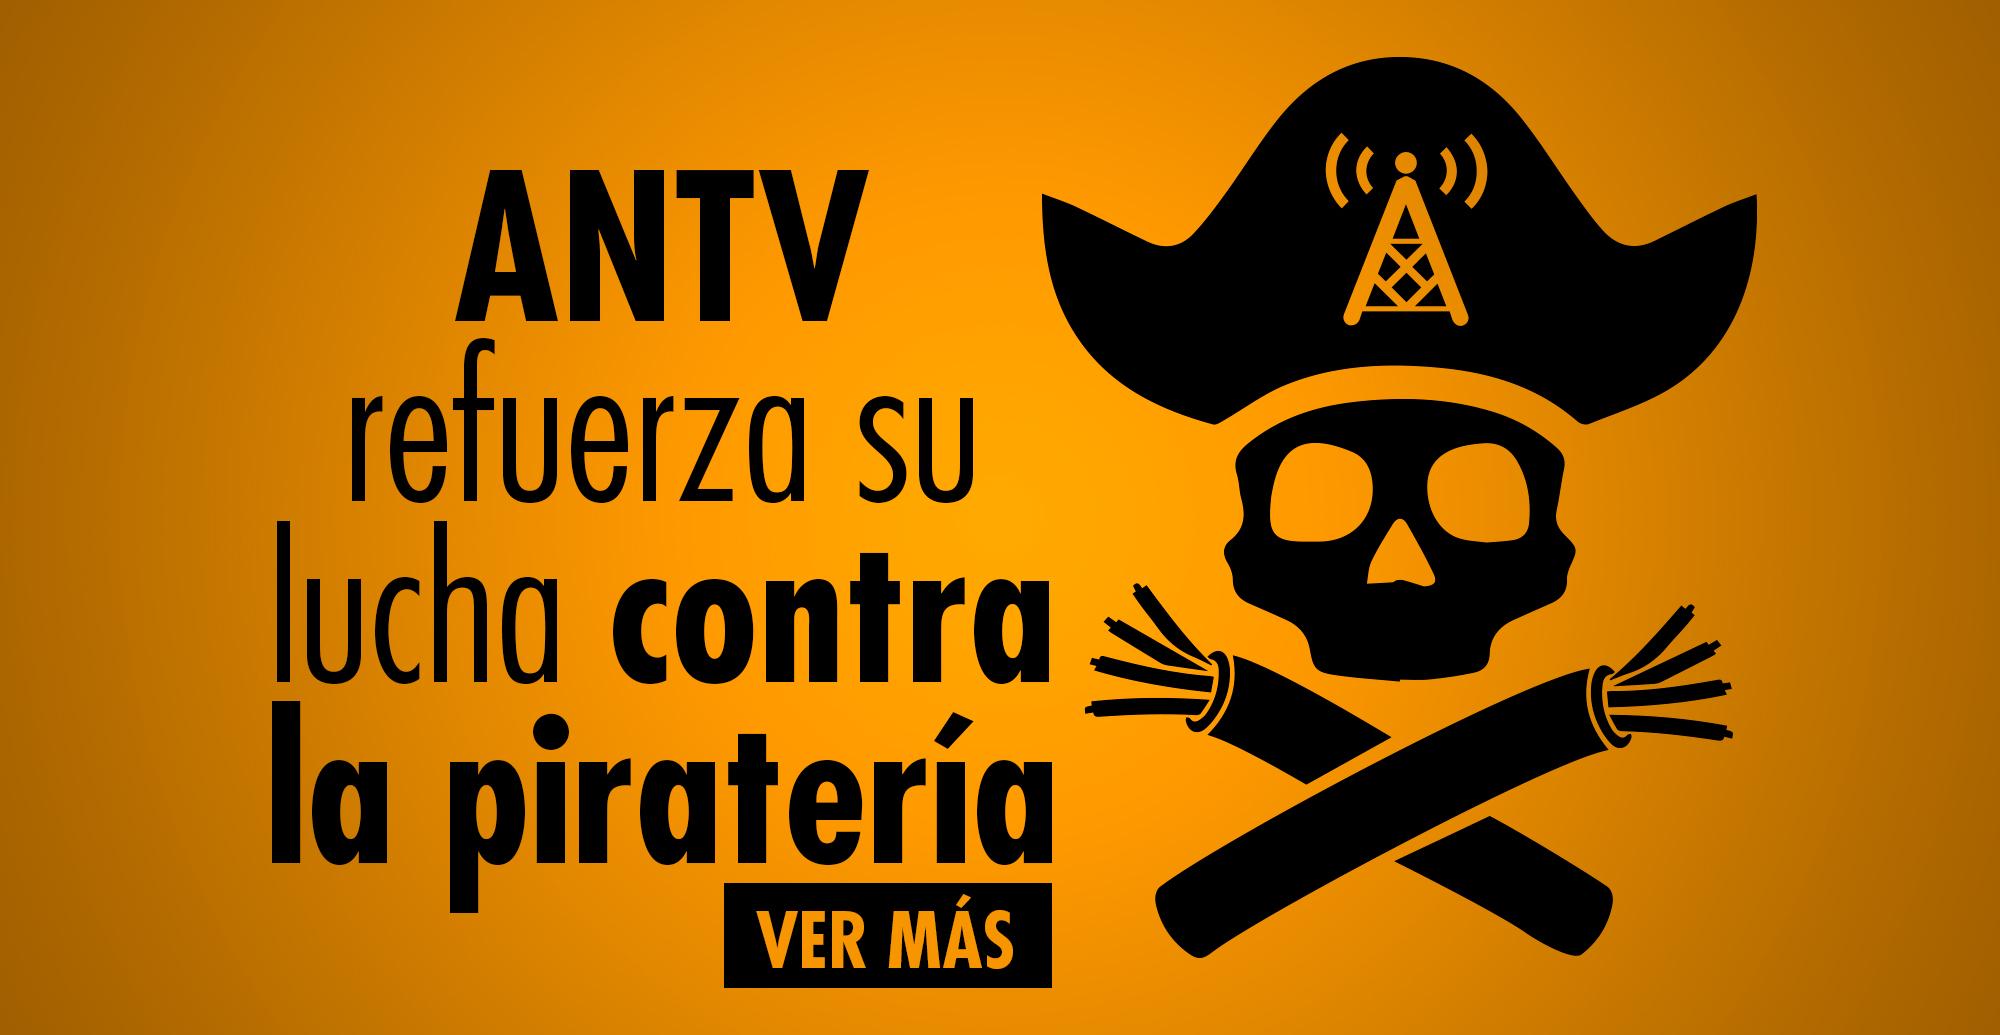 pirateria ANTV